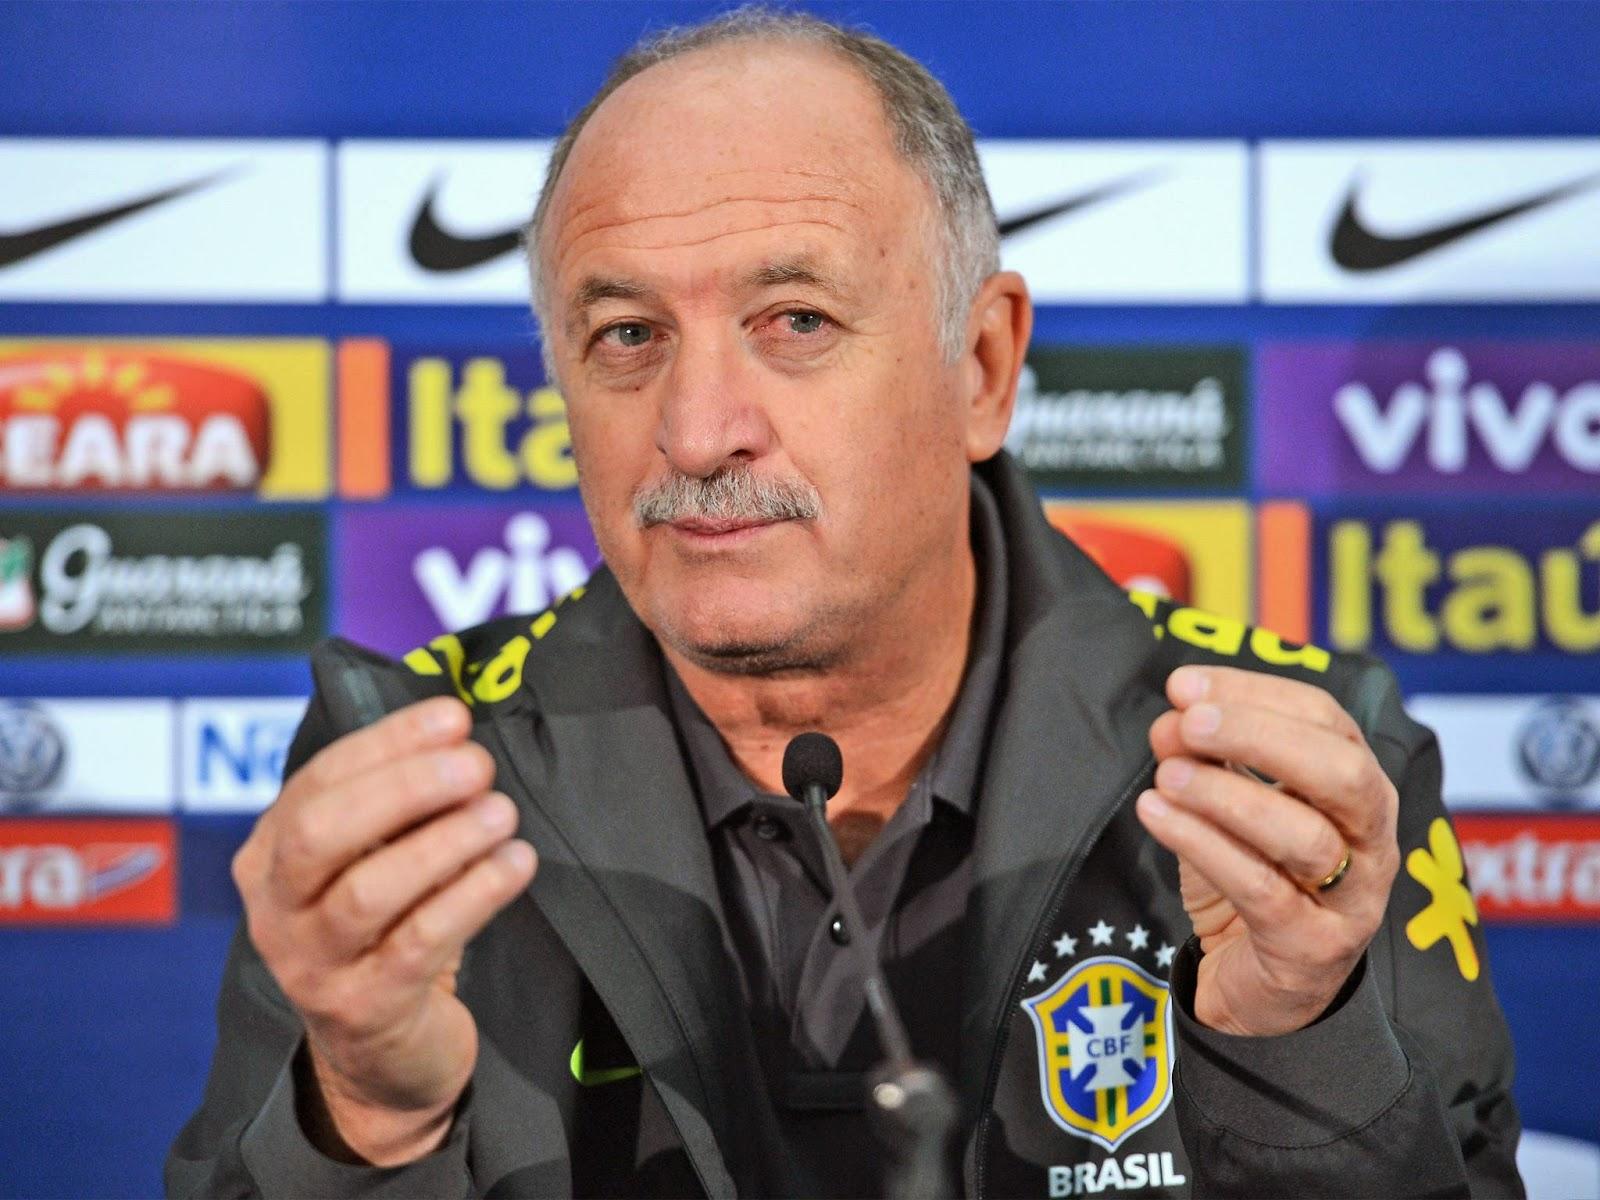 Brazil Coach Filipe Scolari Resigns